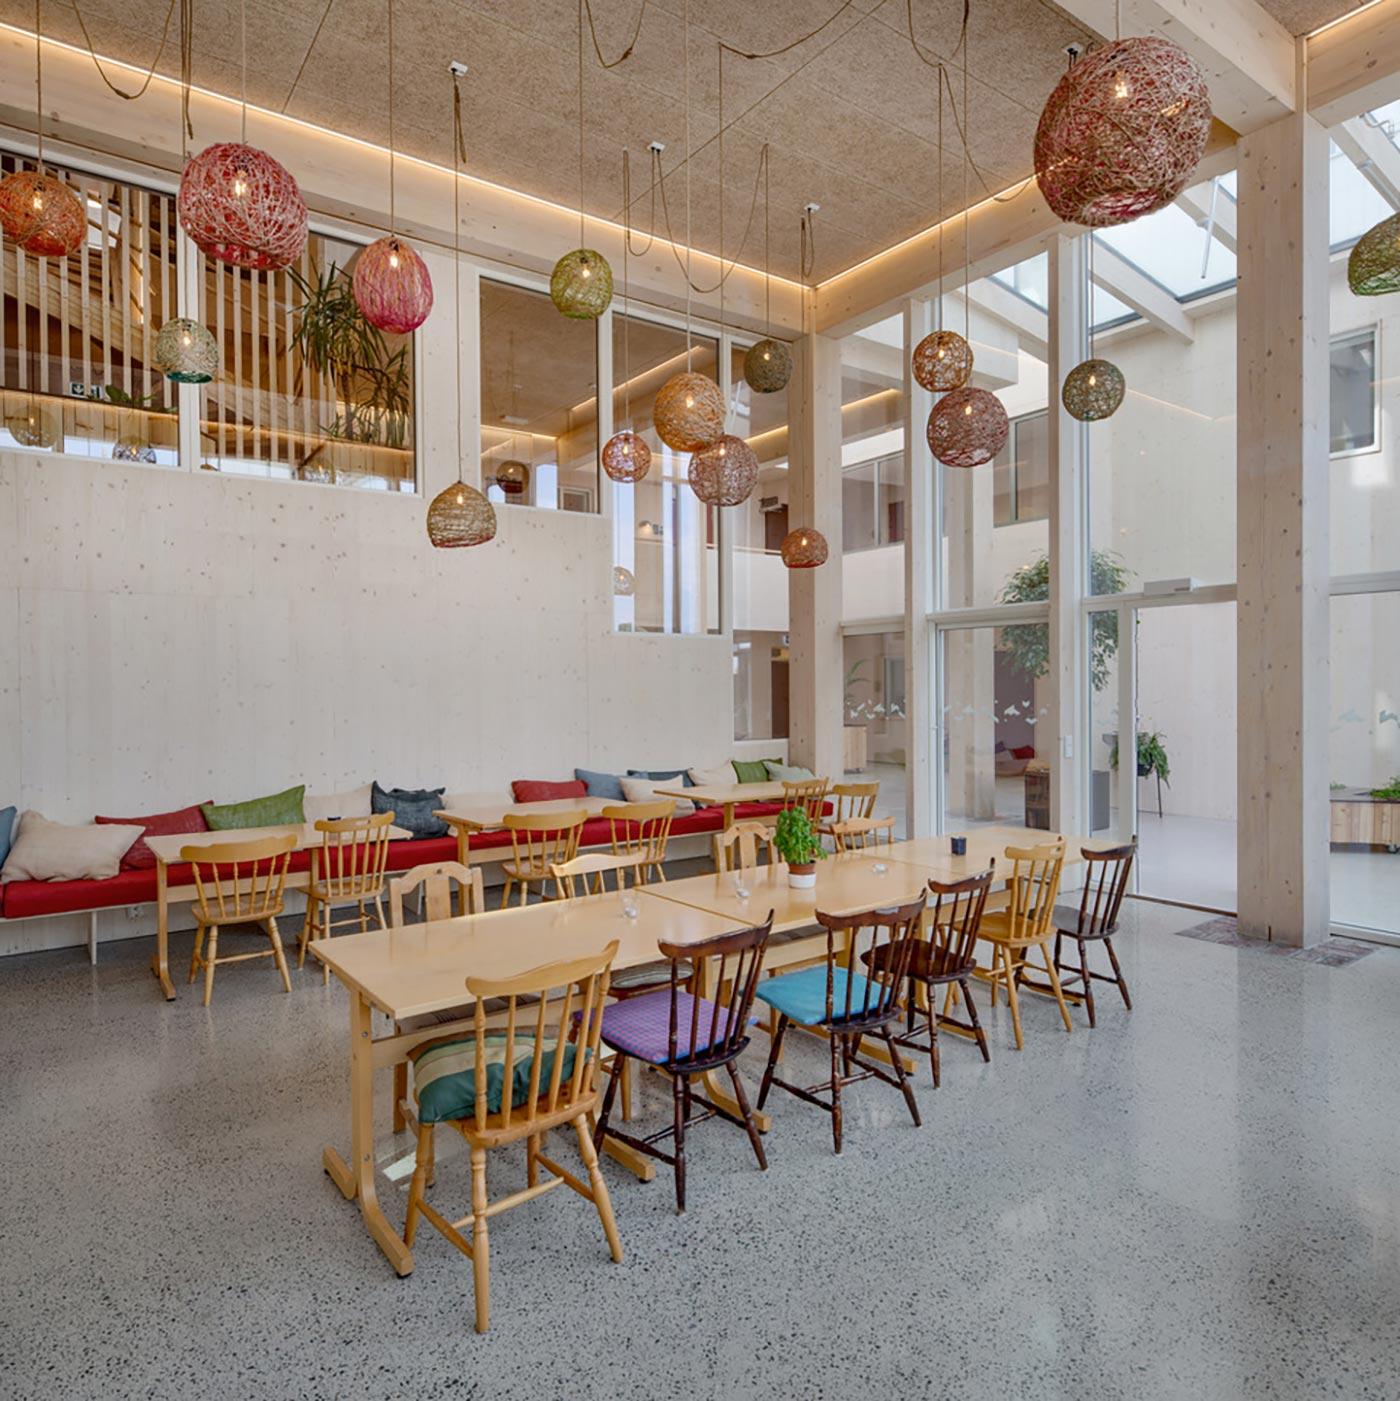 Spisesal med aflange borde samt stole og lang bænk med puder. Farverige lamper hænger ned fra loftet. Vinduesglas fra gulv til loft adskiller spisesalen fra rummet ved siden af